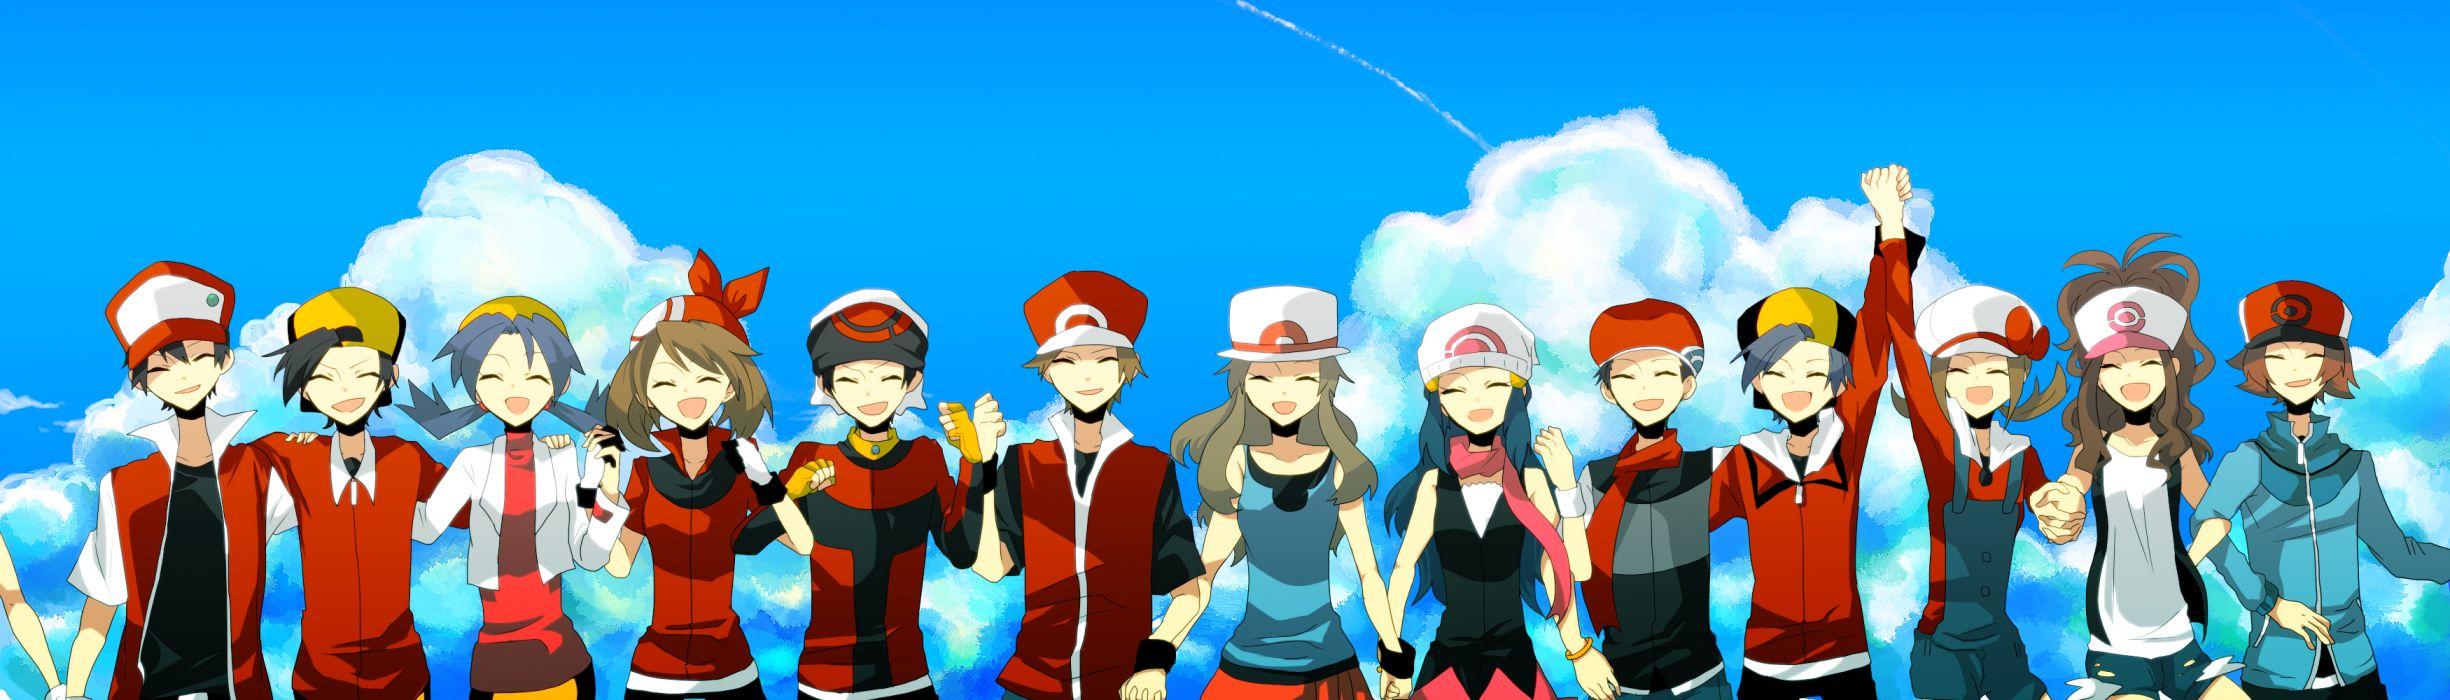 pokemon    t wallpaper